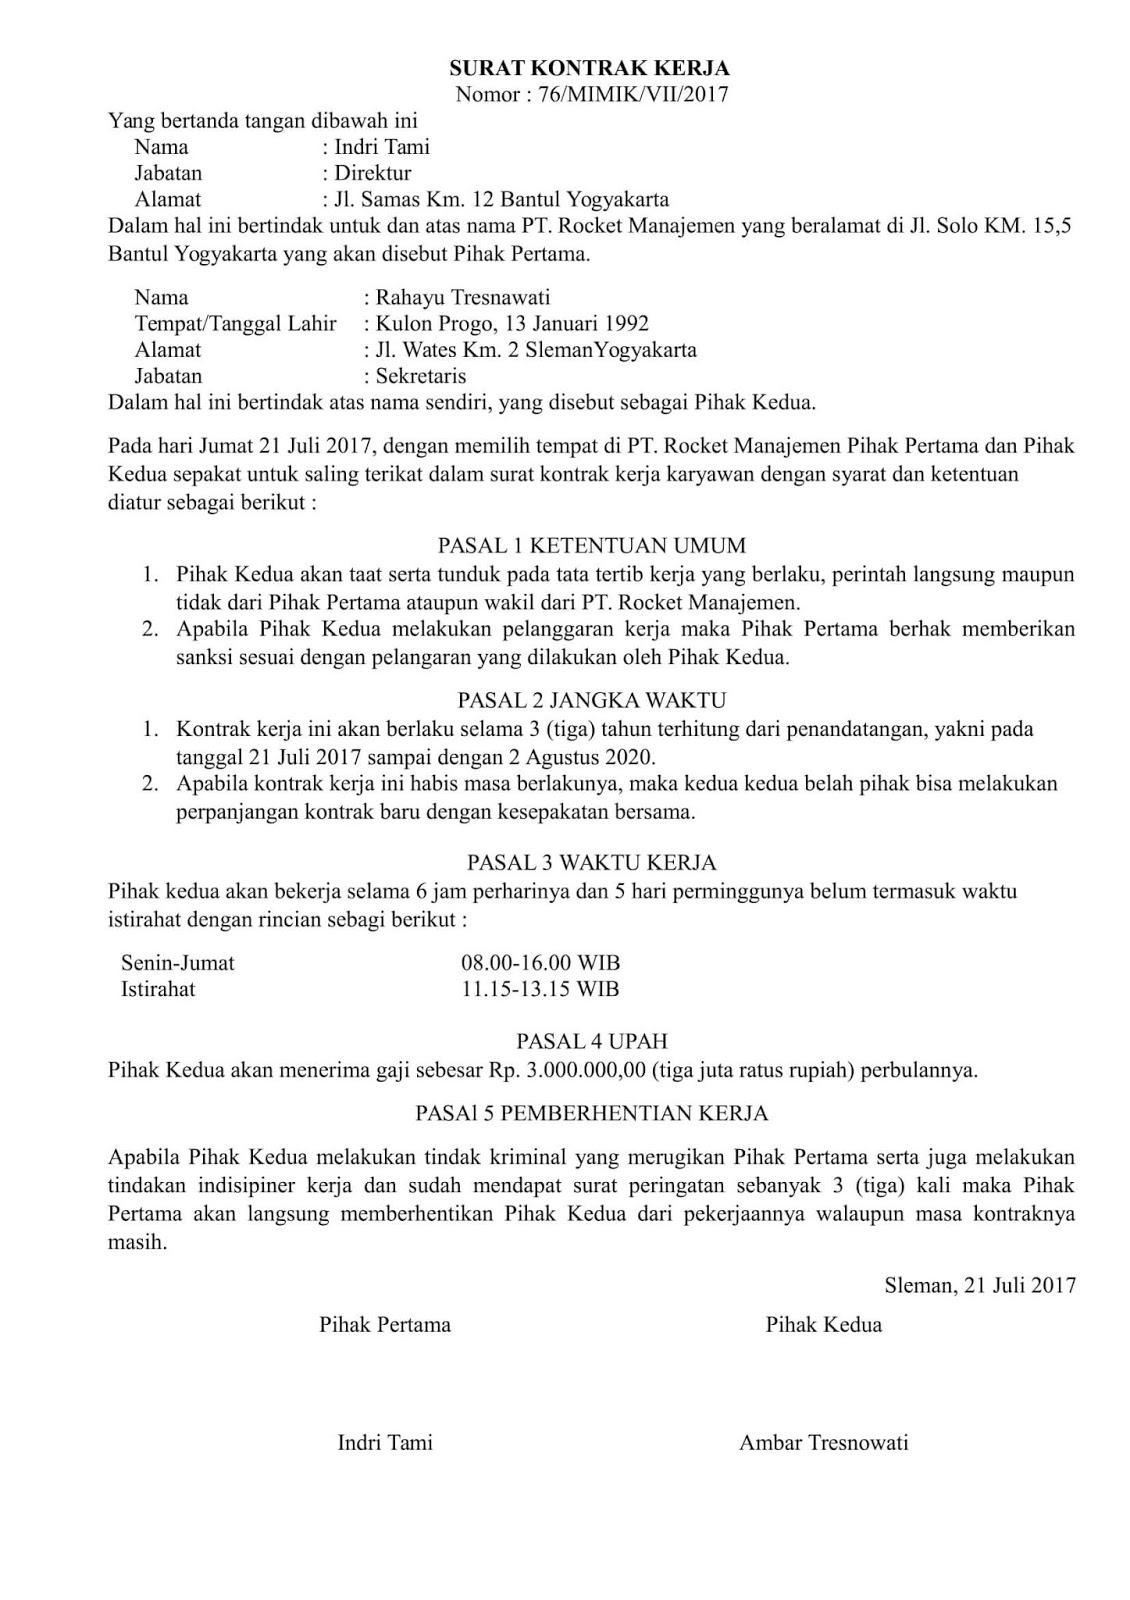 Contoh Surat Perjanjian Kontrak Kerja Karyawan Swasta